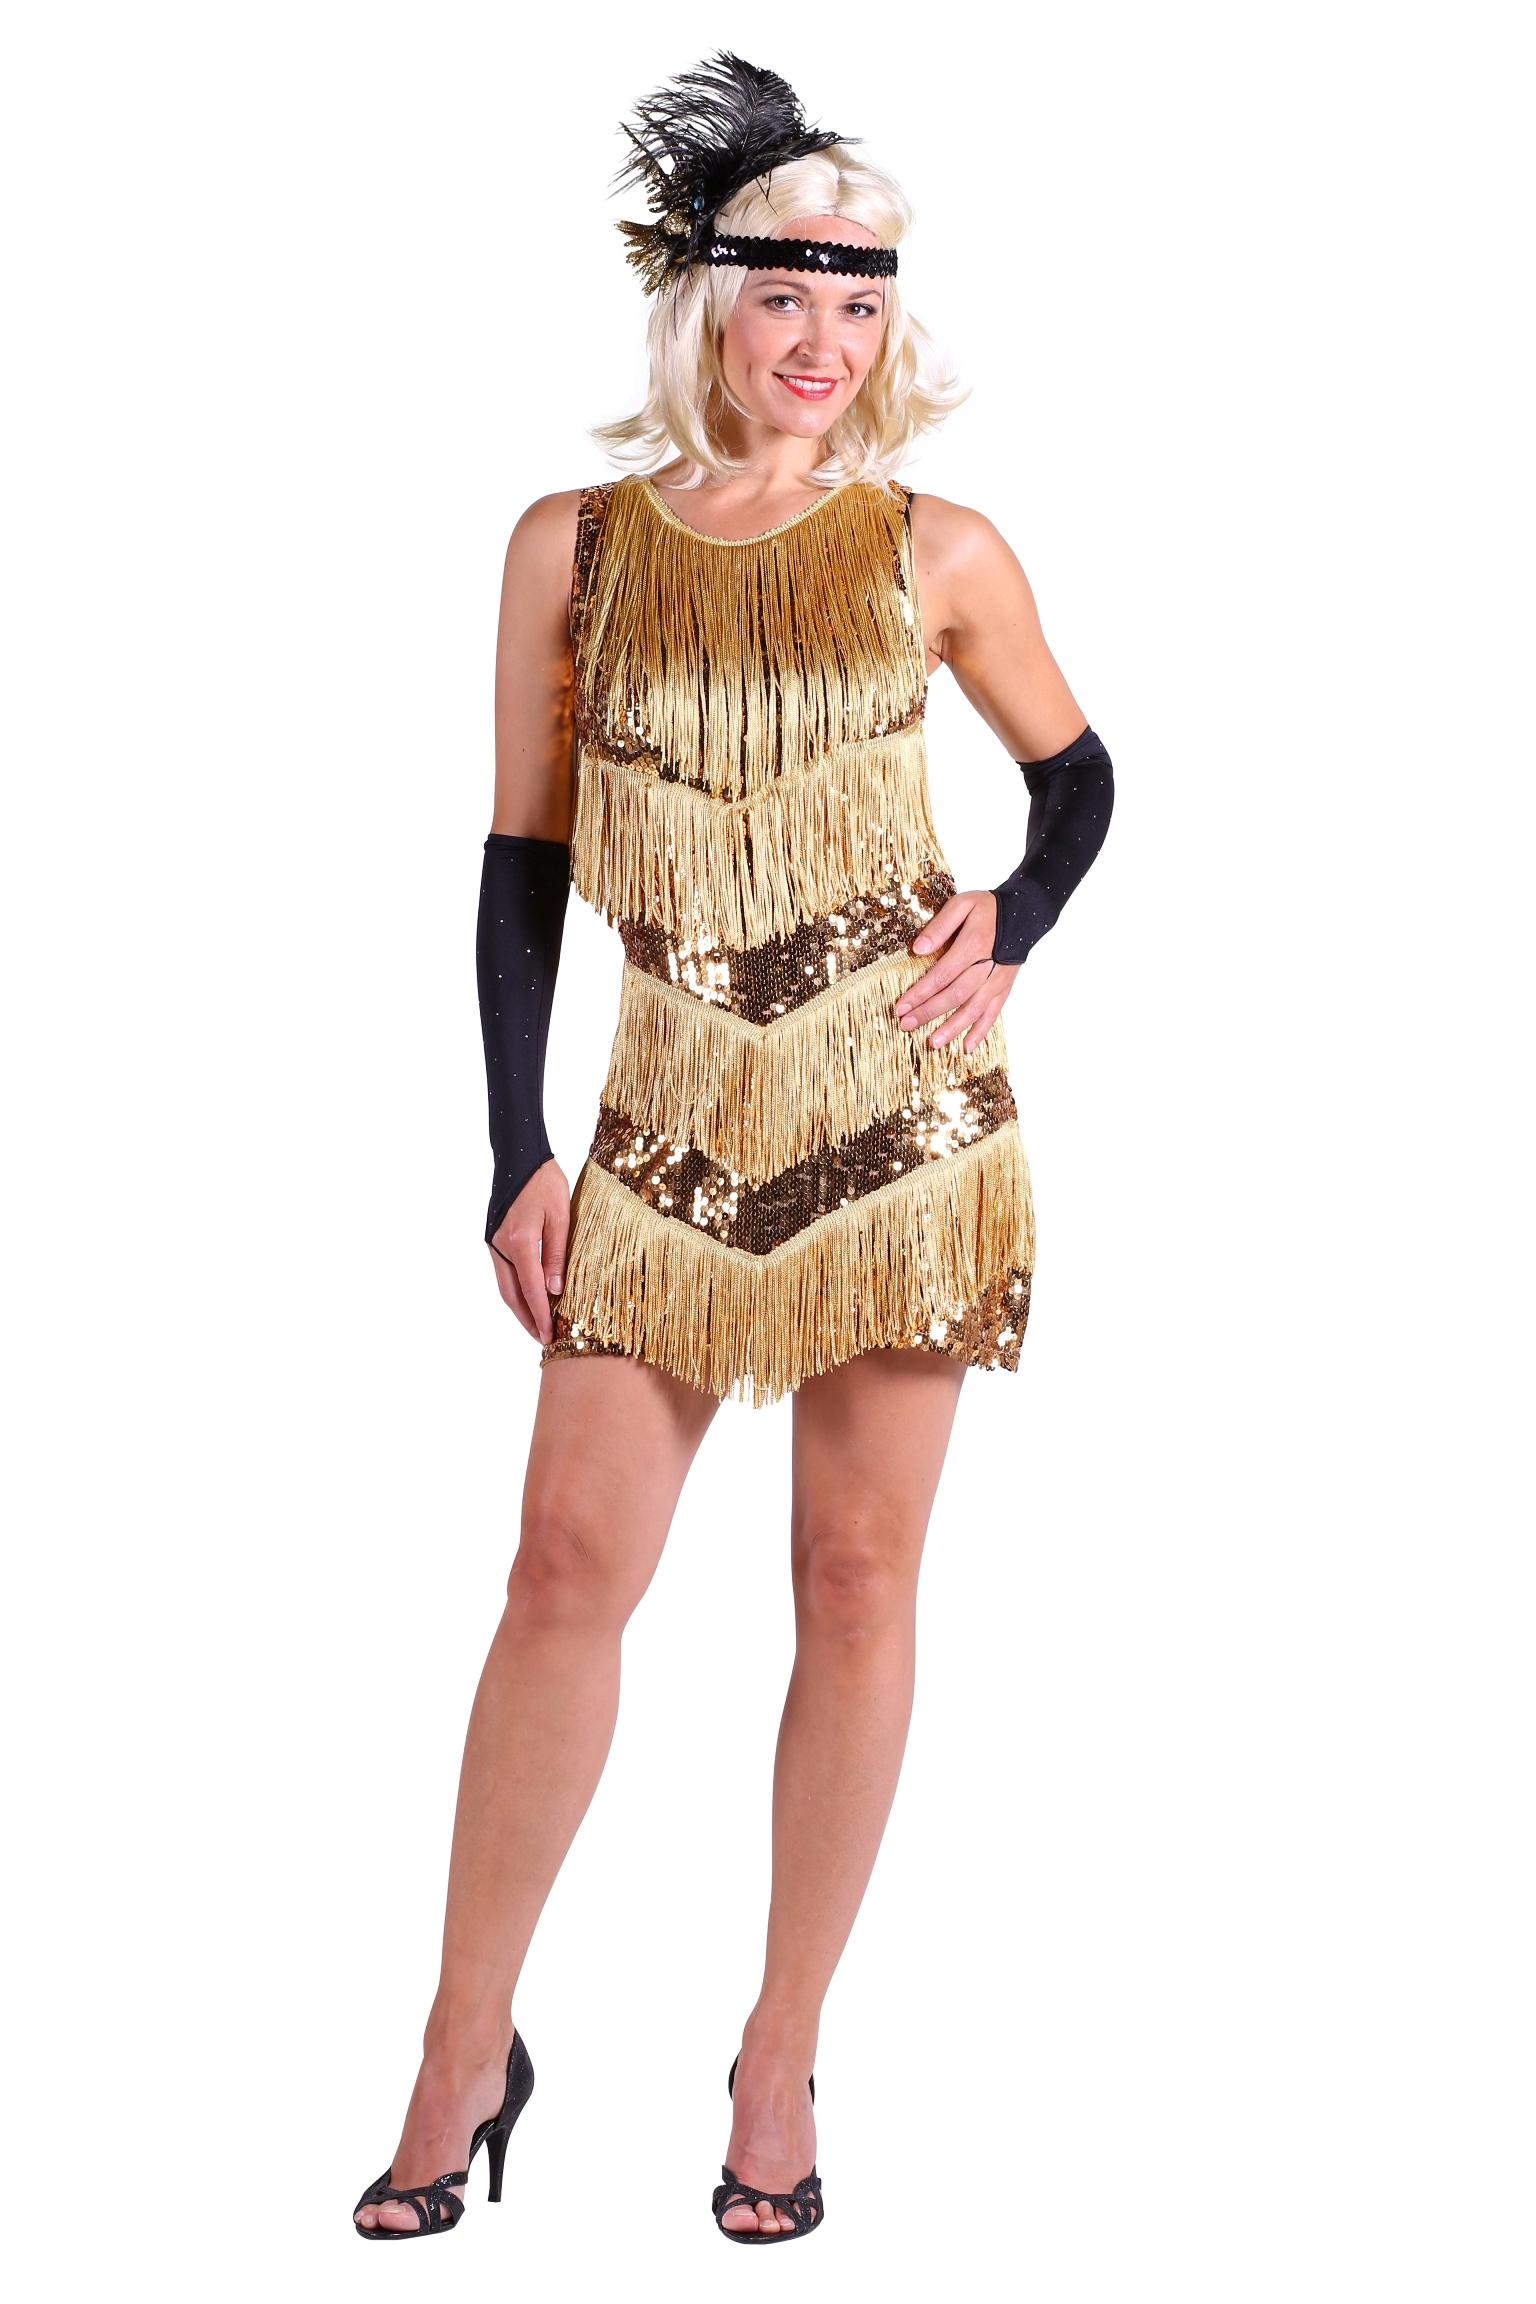 Wunderbar Kleid Für 18. Geburtstagsparty Galerie - Brautkleider ...